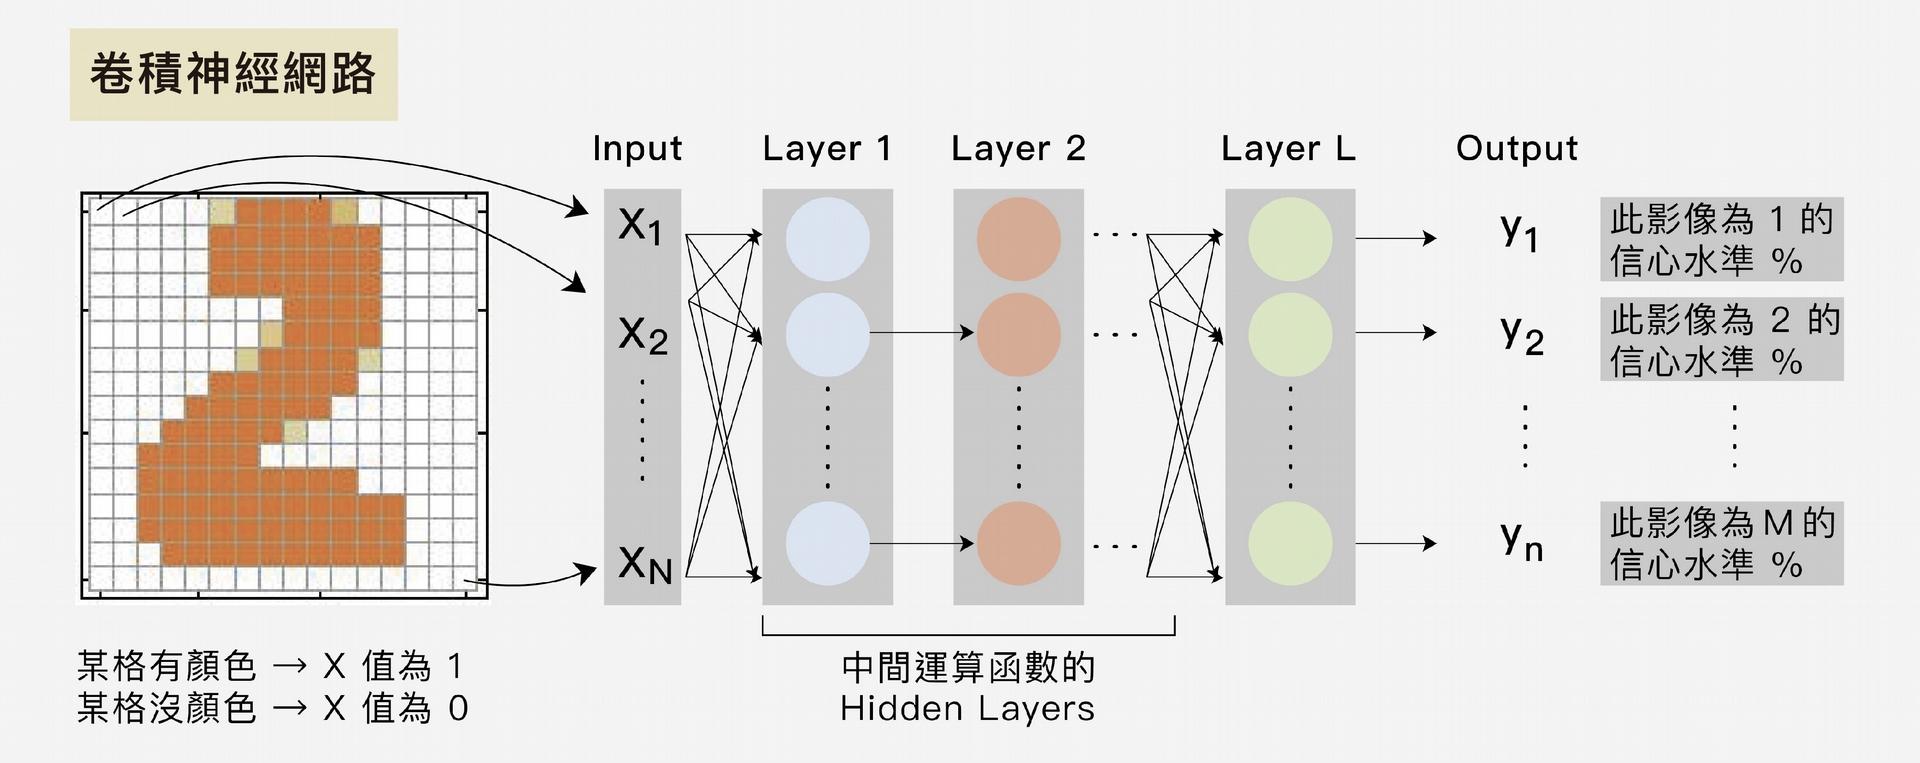 先教電腦定義每個影像的值,再透過神經網路的層層非線性函數運算,判斷這個影像最可能為哪個數字,信心水準比值最高者為答案。 圖│研之有物 (資料來源│李宏毅)